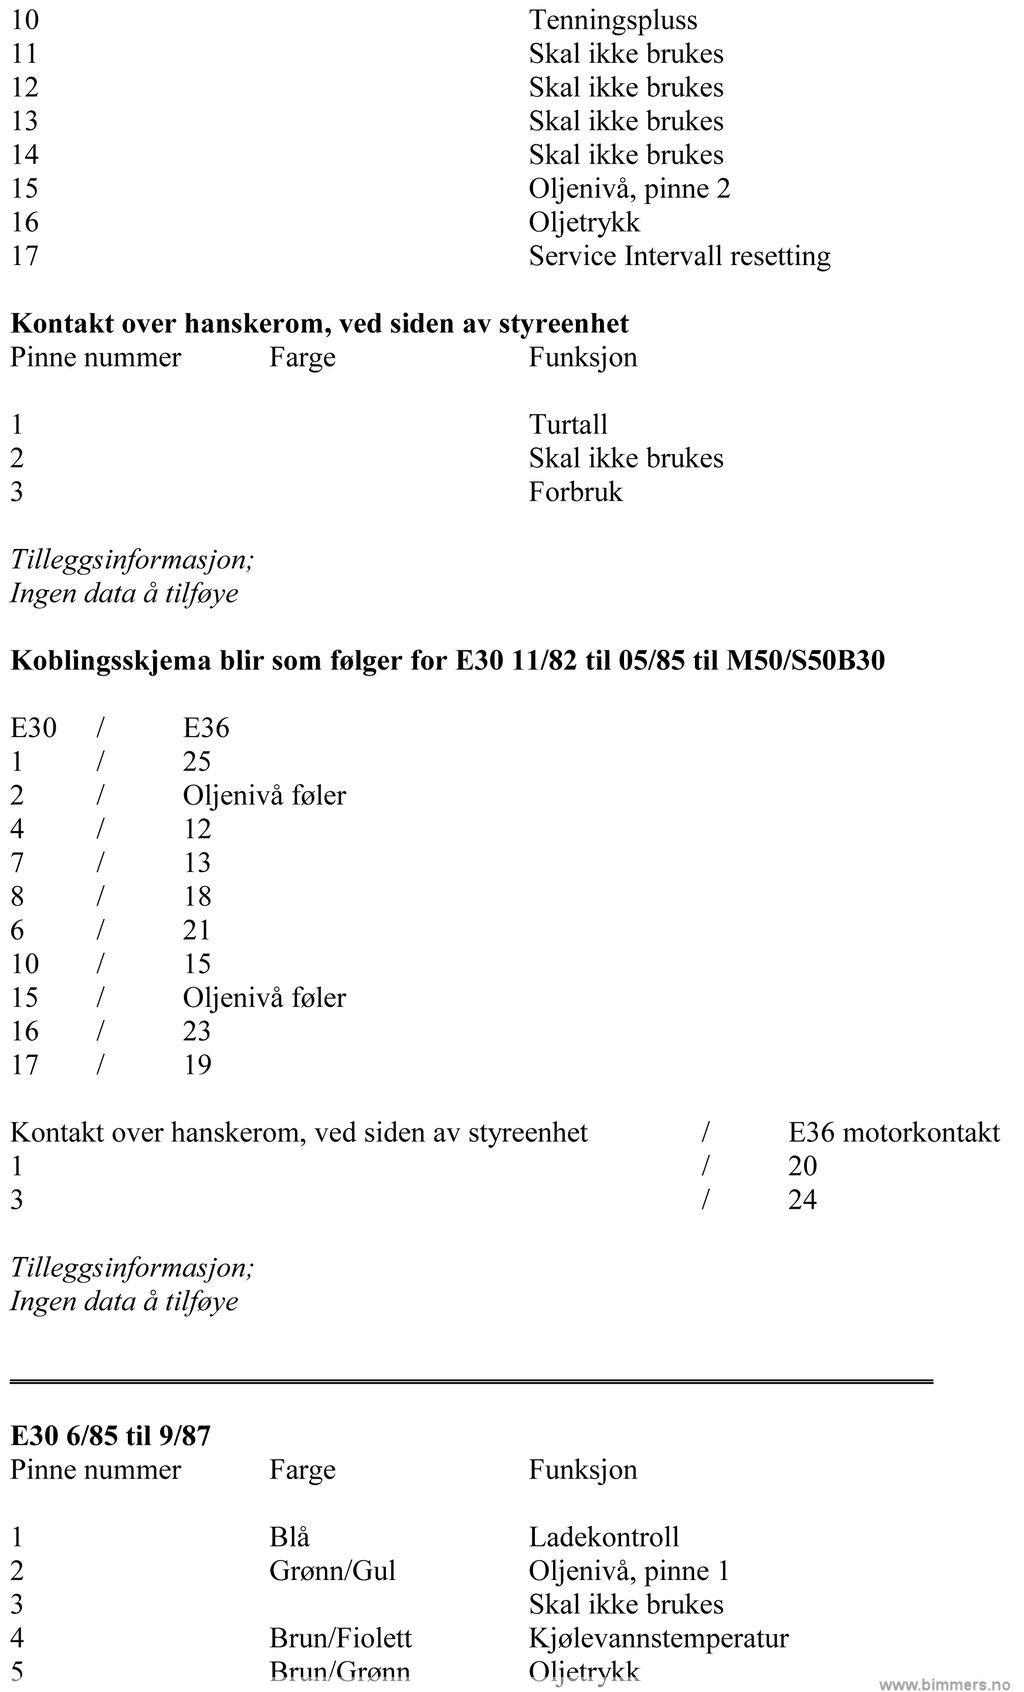 d8n4ei8x63o5so6g4h4p.jpg